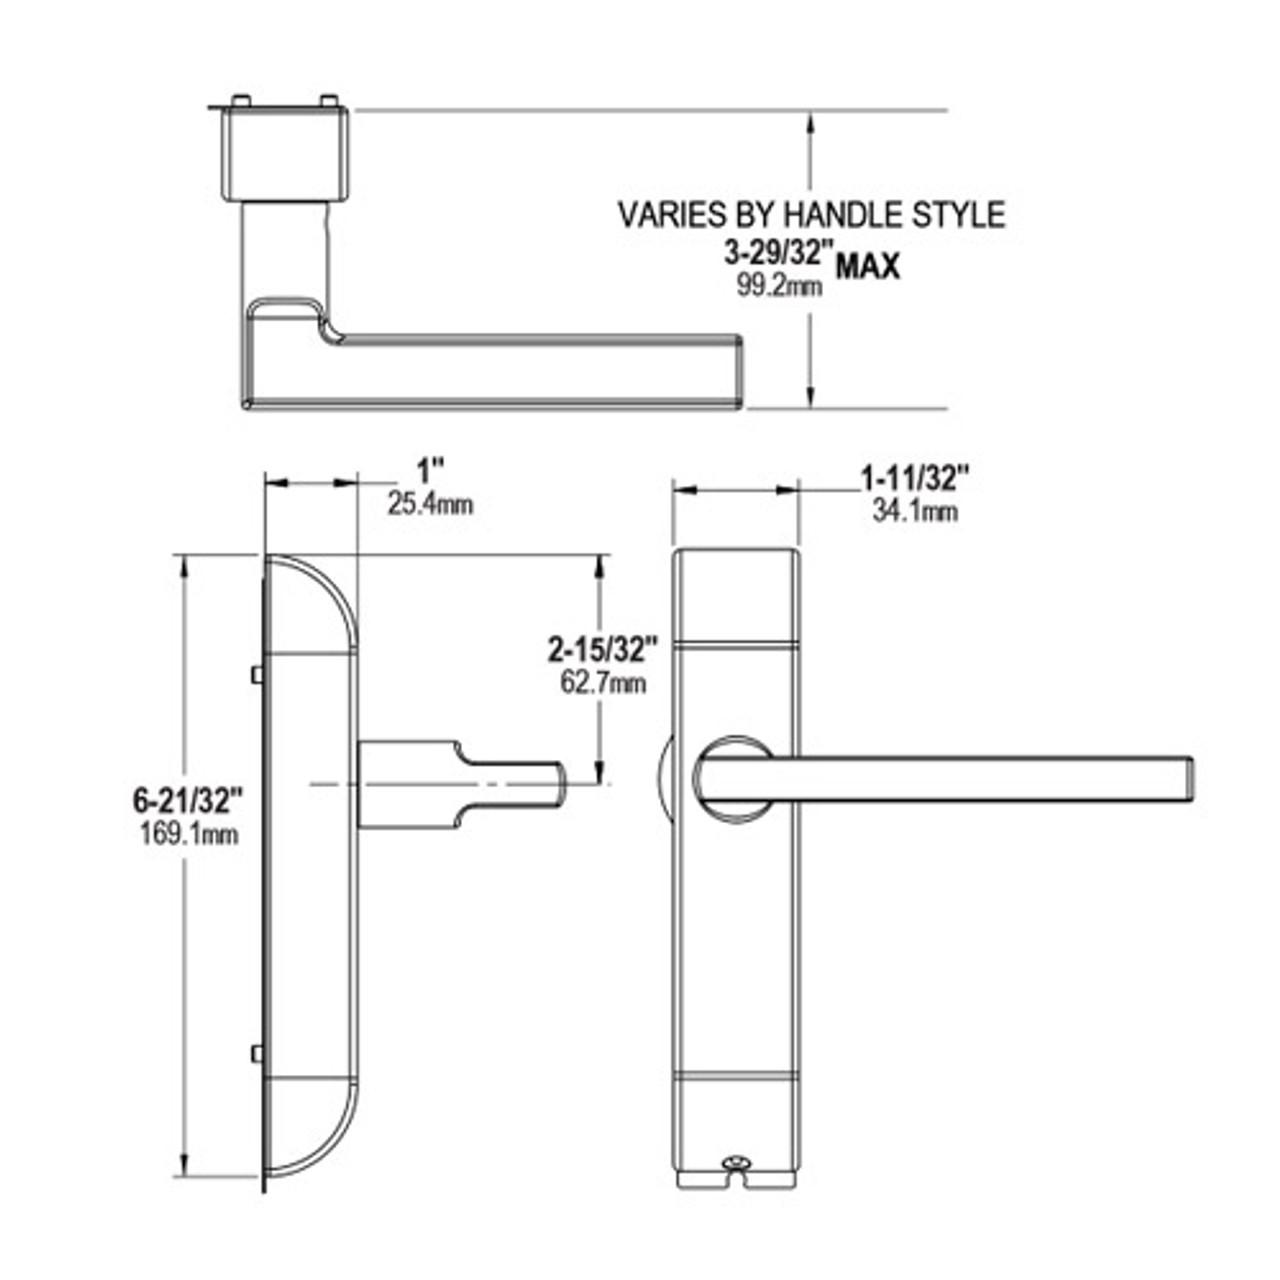 4600-MG-611-US32D Adams Rite MG Designer handle Dimensional View